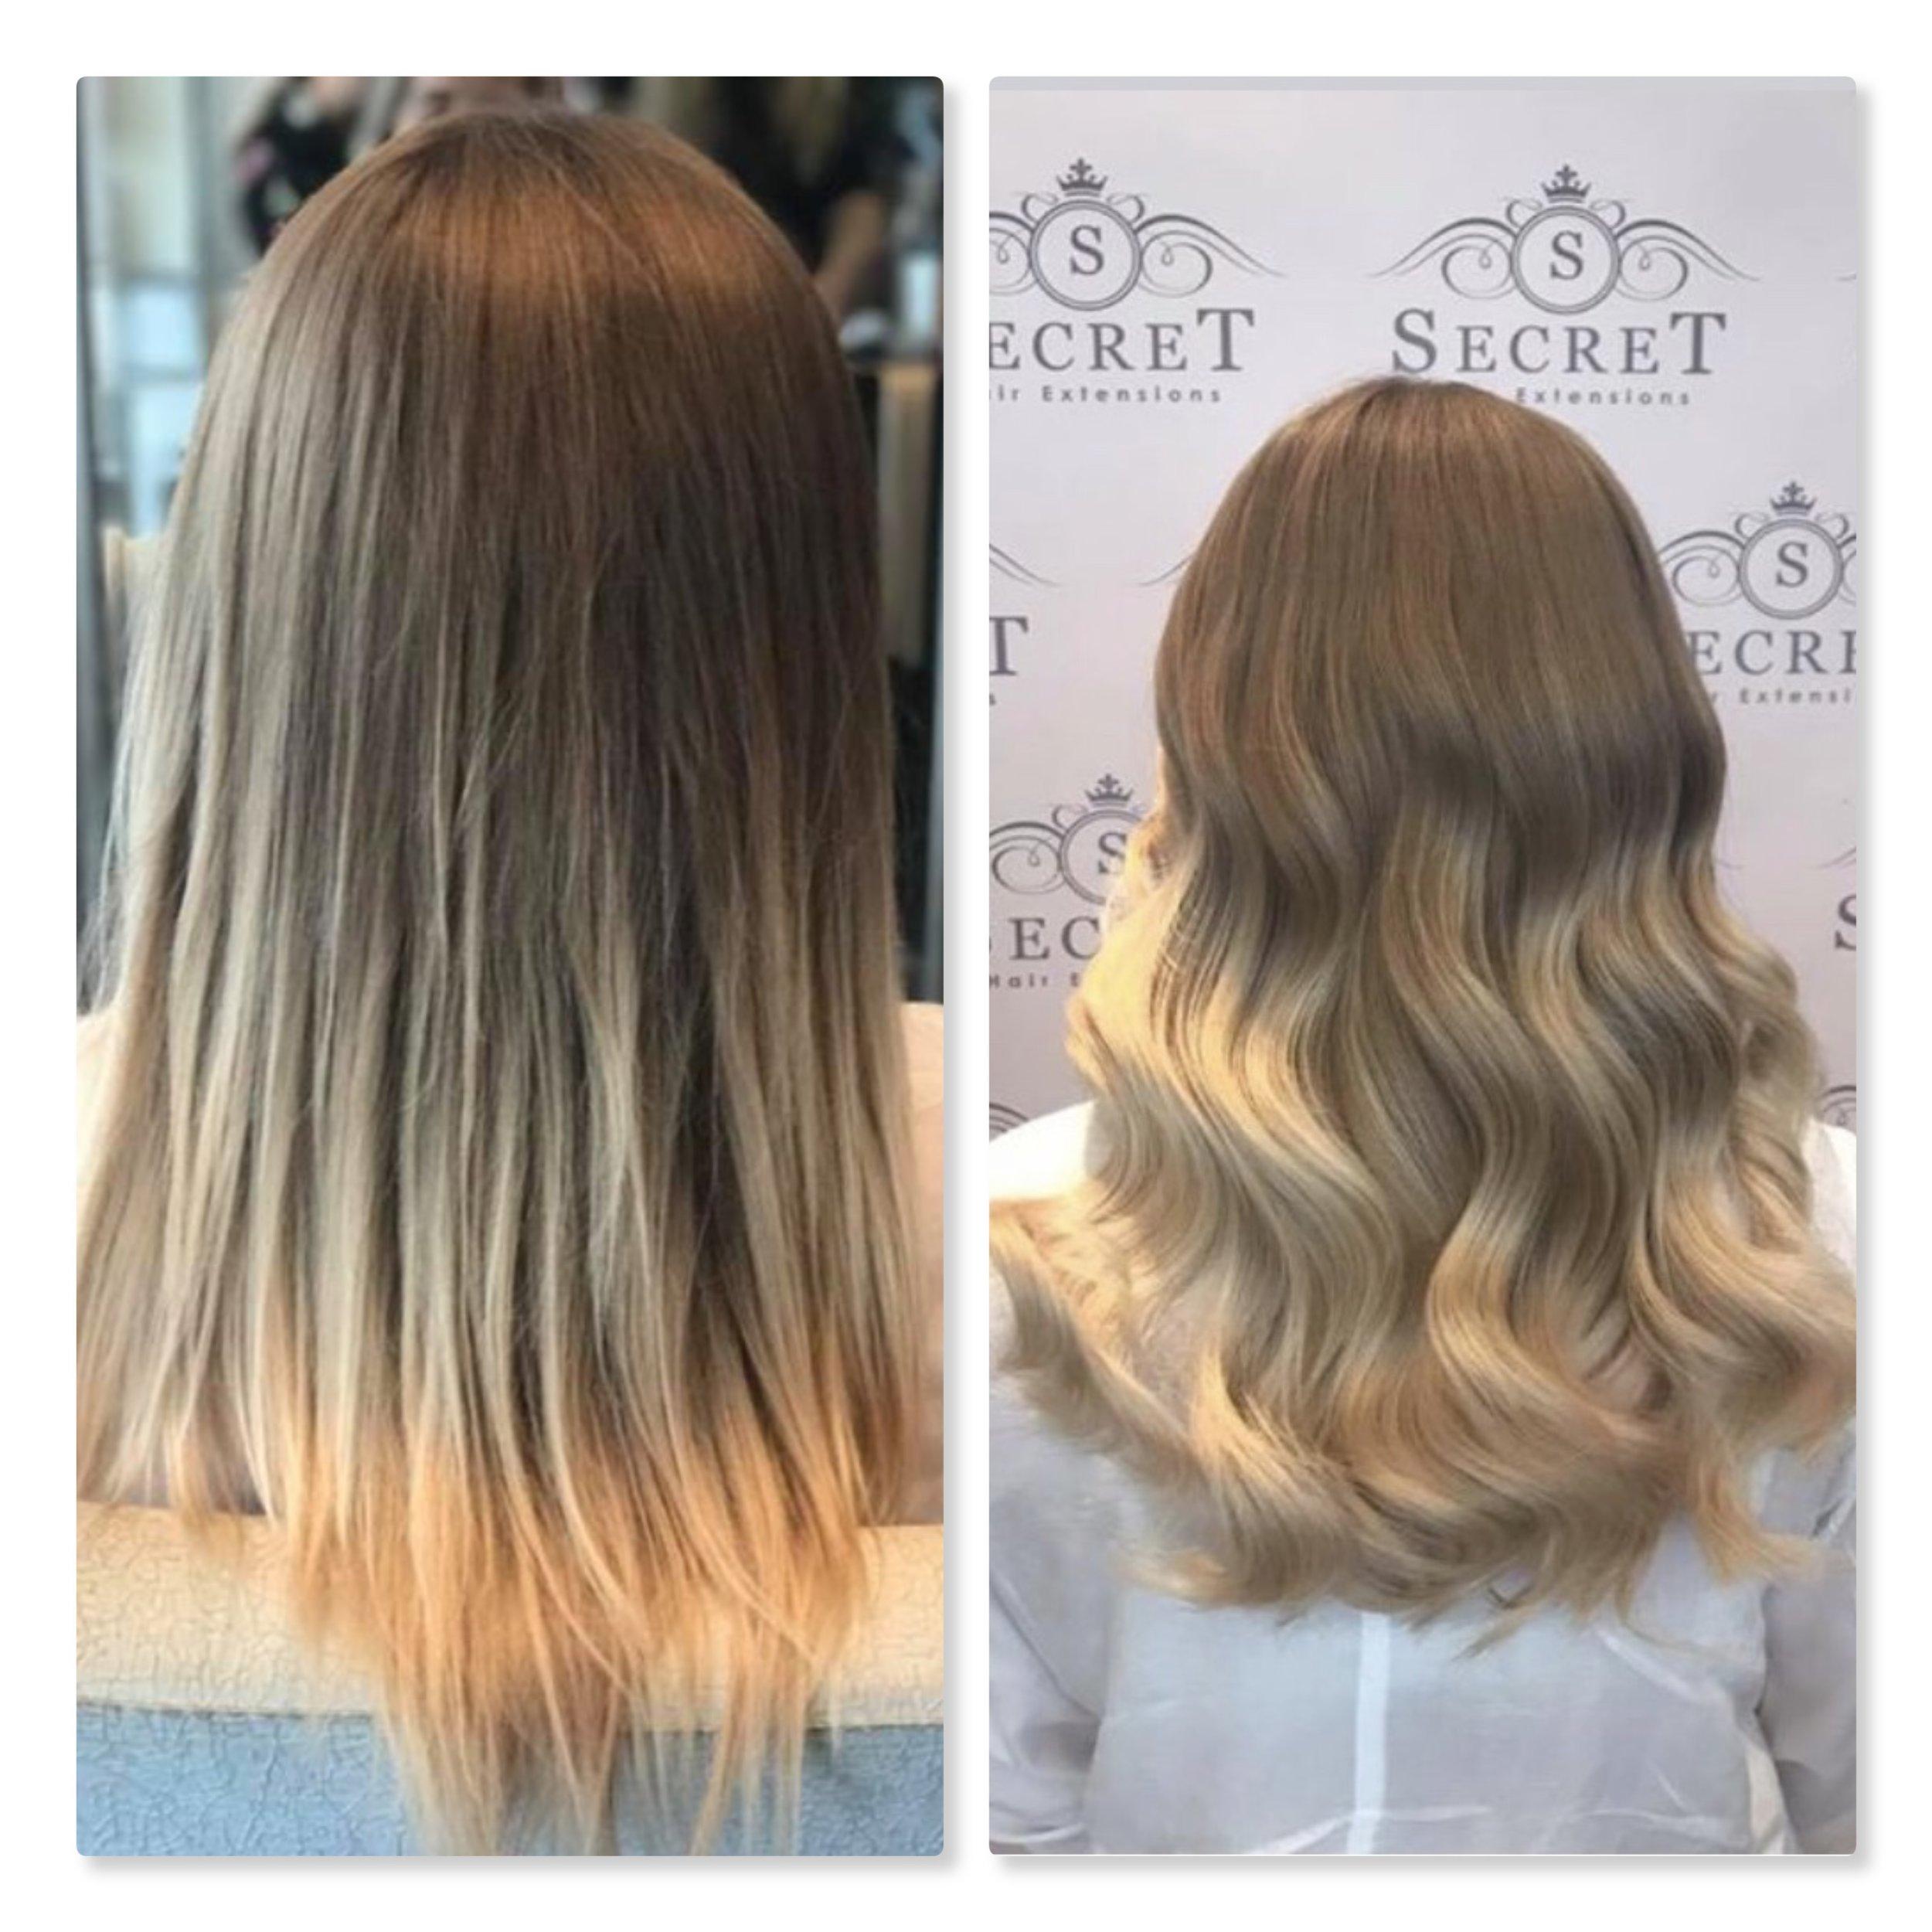 hair extensions 4.jpg